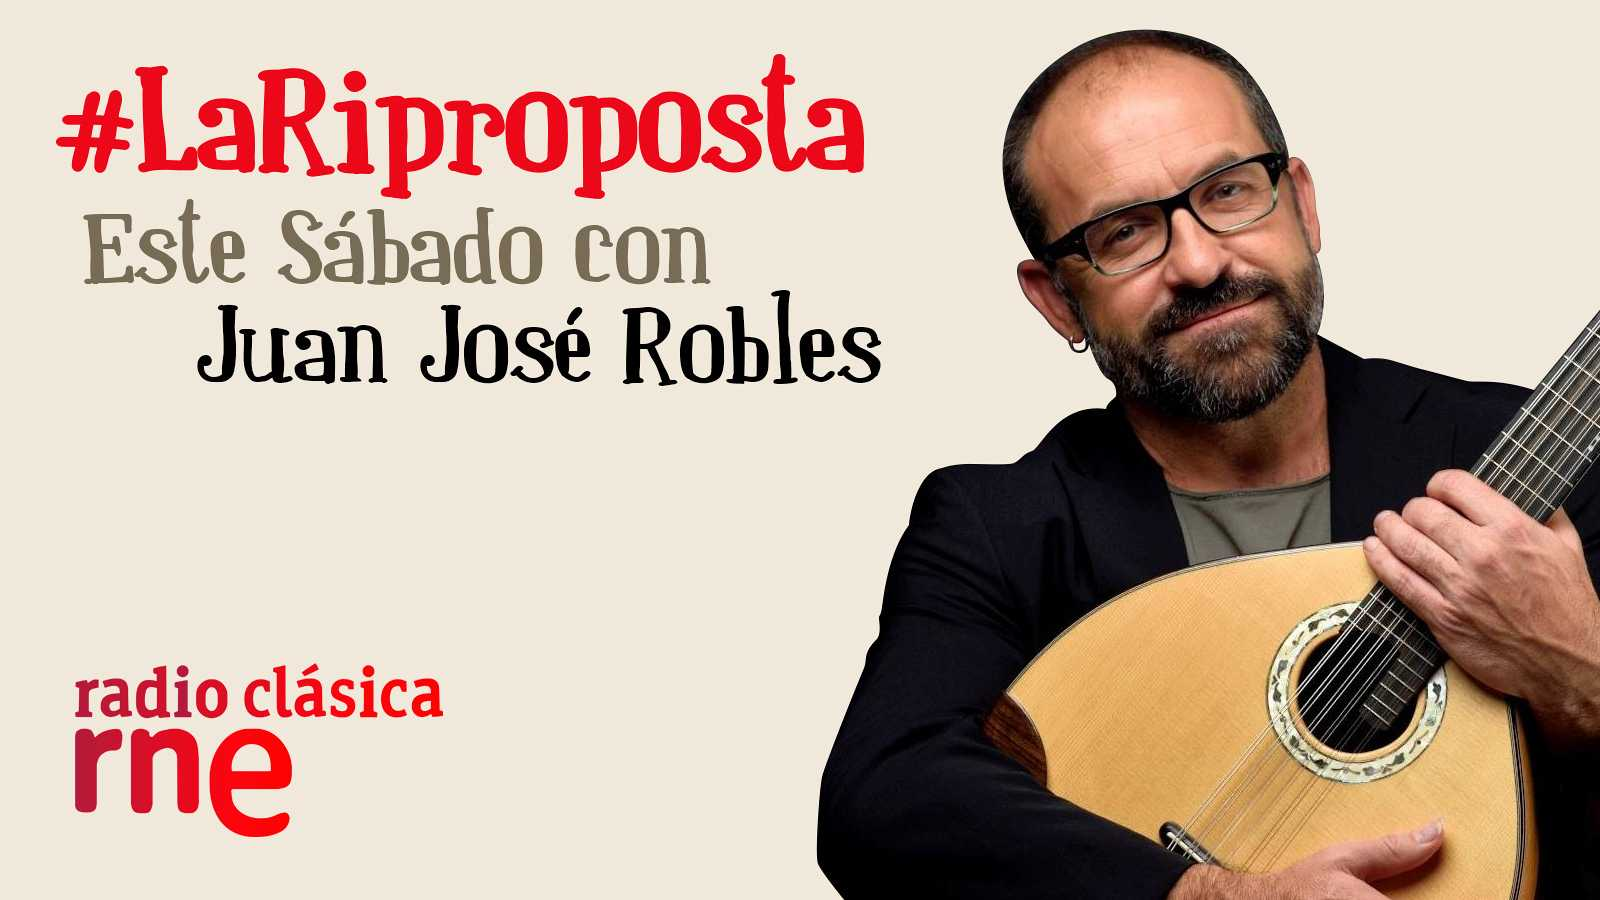 Juan Jose Robles en La riproposta